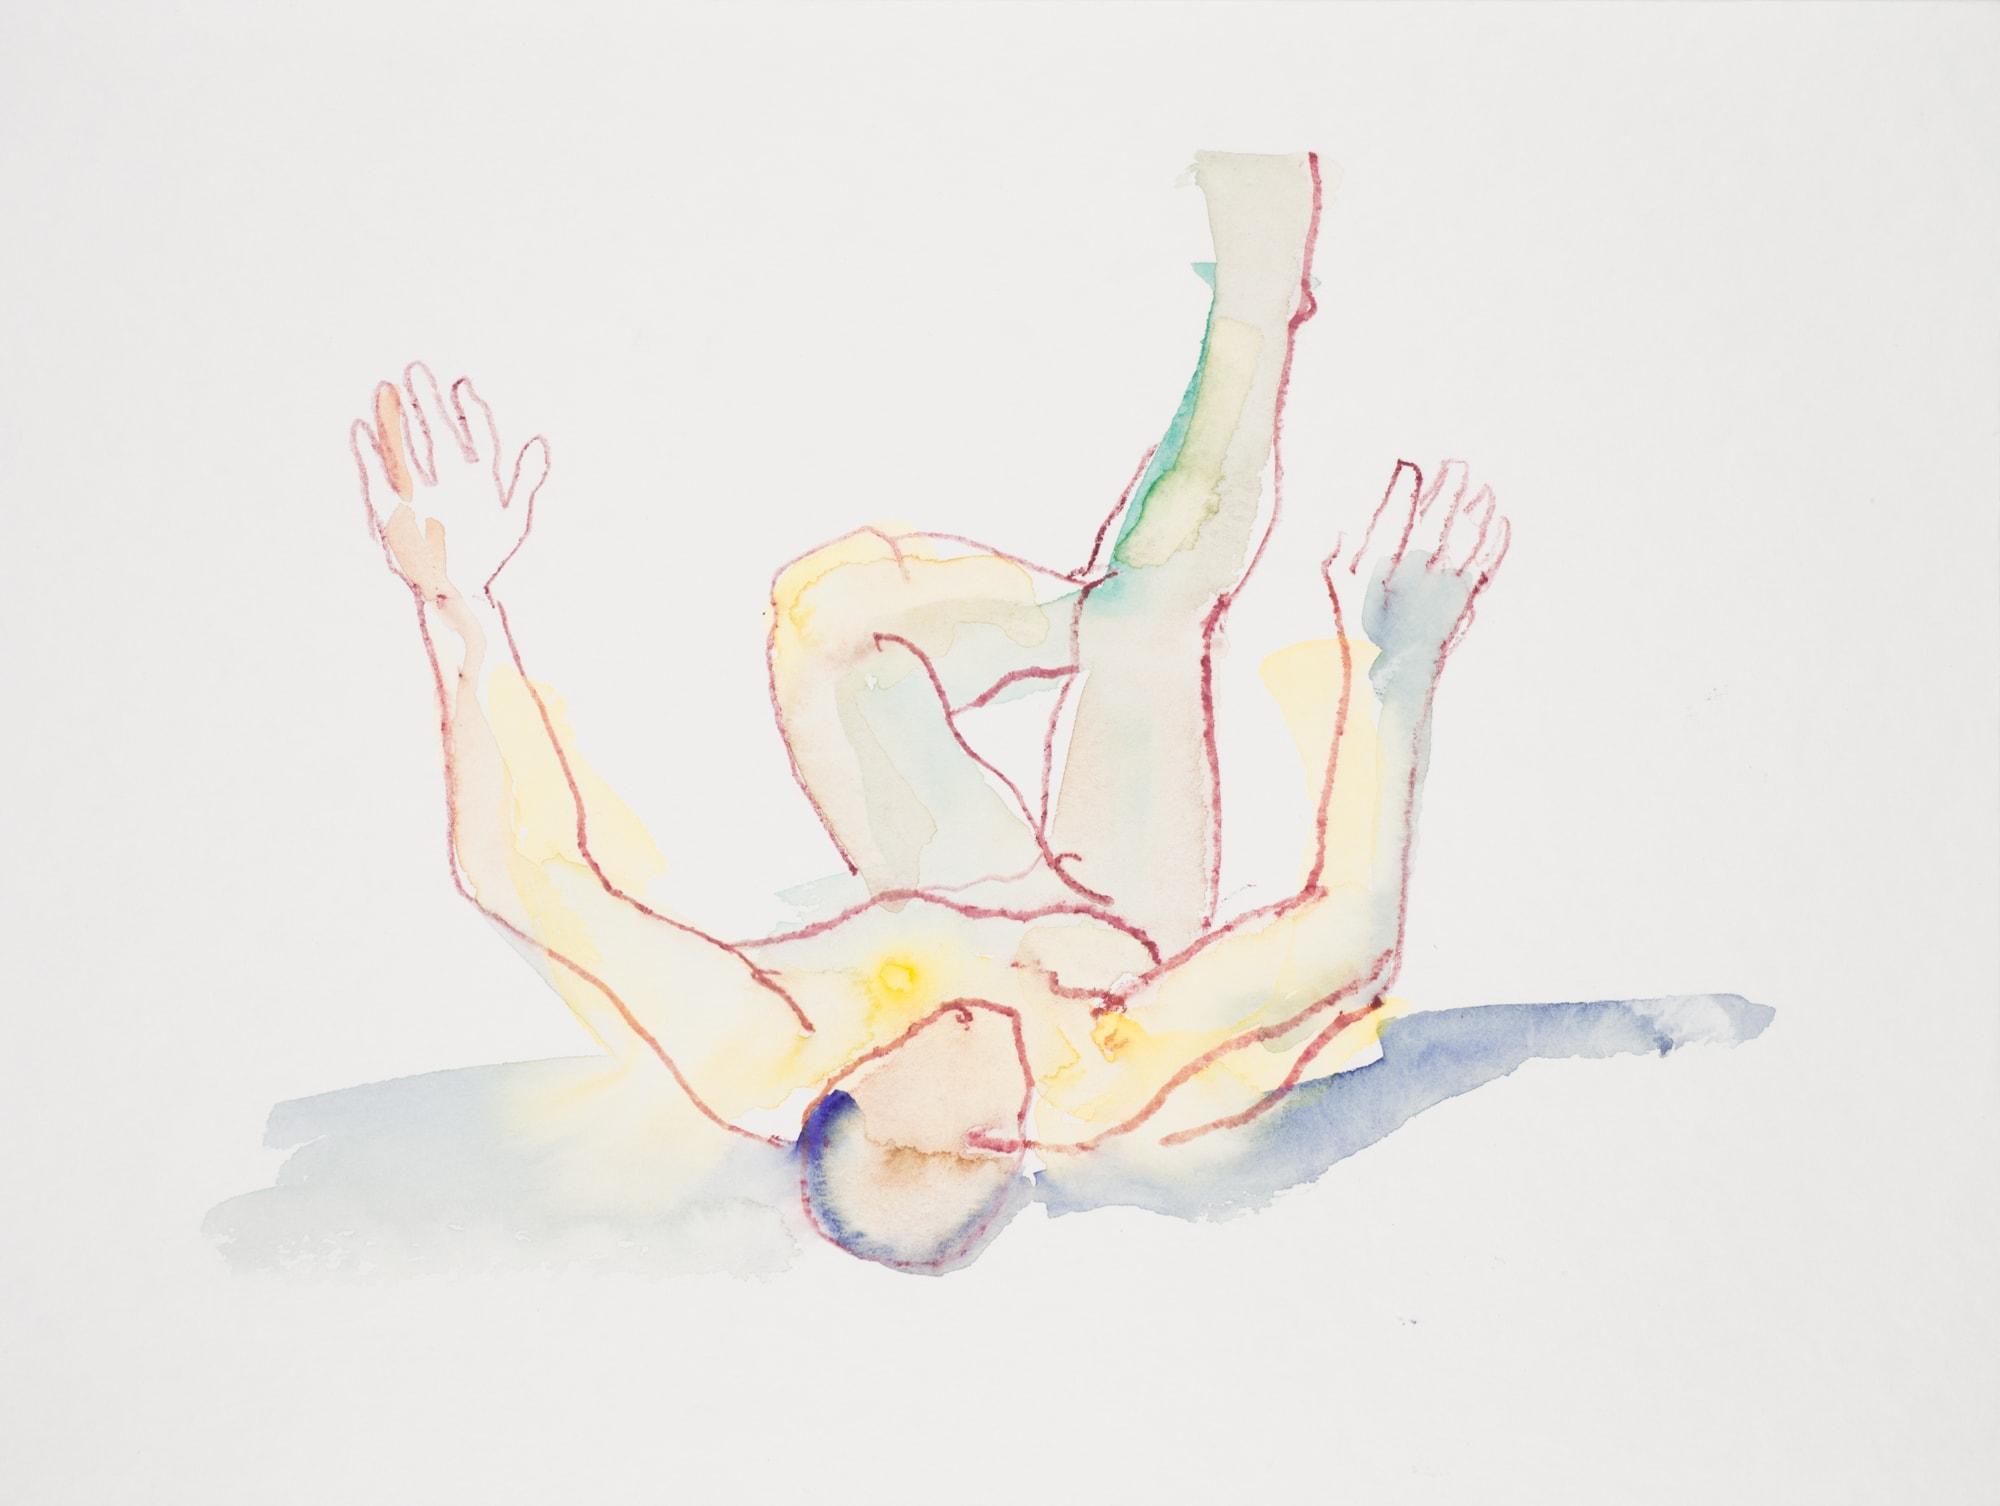 Zeichnung, Aquarell und Farbstift auf Papier, 32x24cm, Männerakt, Künstlerin: Franziska King